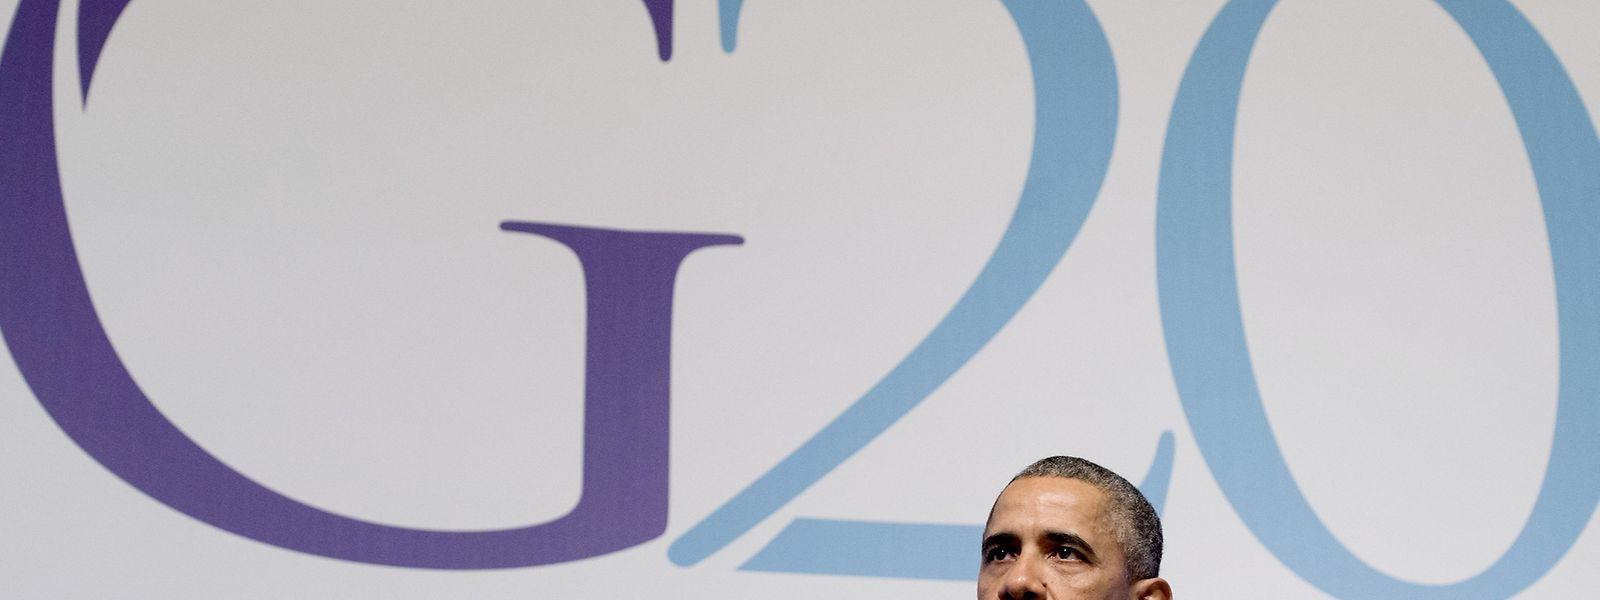 """""""Der Himmel hat sich verdunkelt durch die schrecklichen Angriffe, die in Paris stattfanden.""""  US-Präsident Barack Obama beim G20-Gipfel in Antalya."""